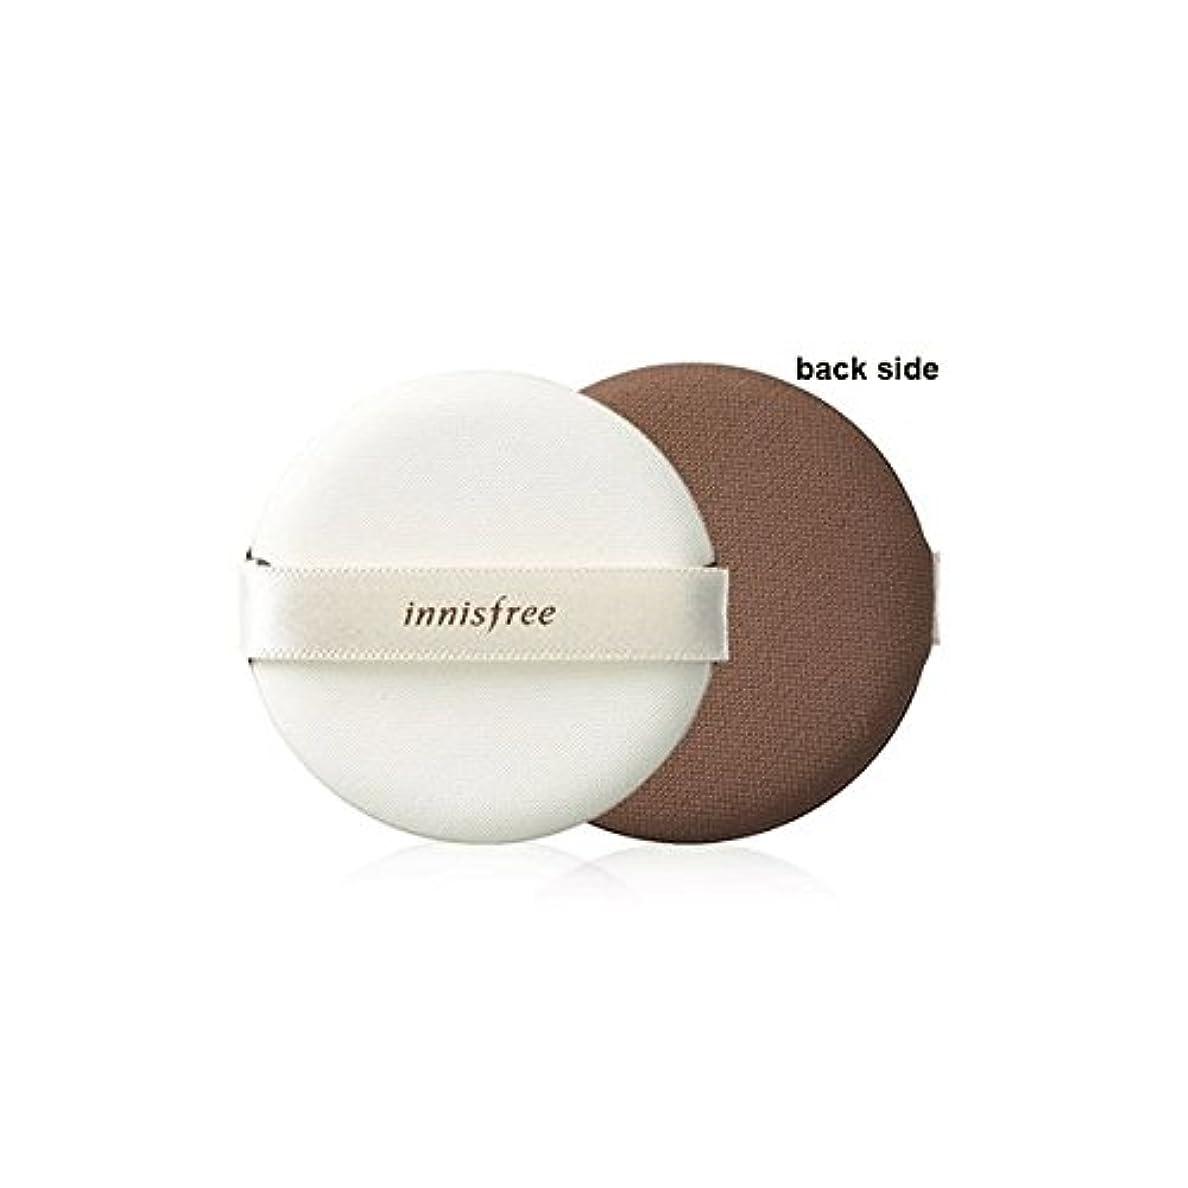 フラスコ苦巧みな[イニスプリー] Innisfree エアマジックパフ-密着 [Innisfree] Eco Beauty Tool Air Magic Puff-Fitting [海外直送品]